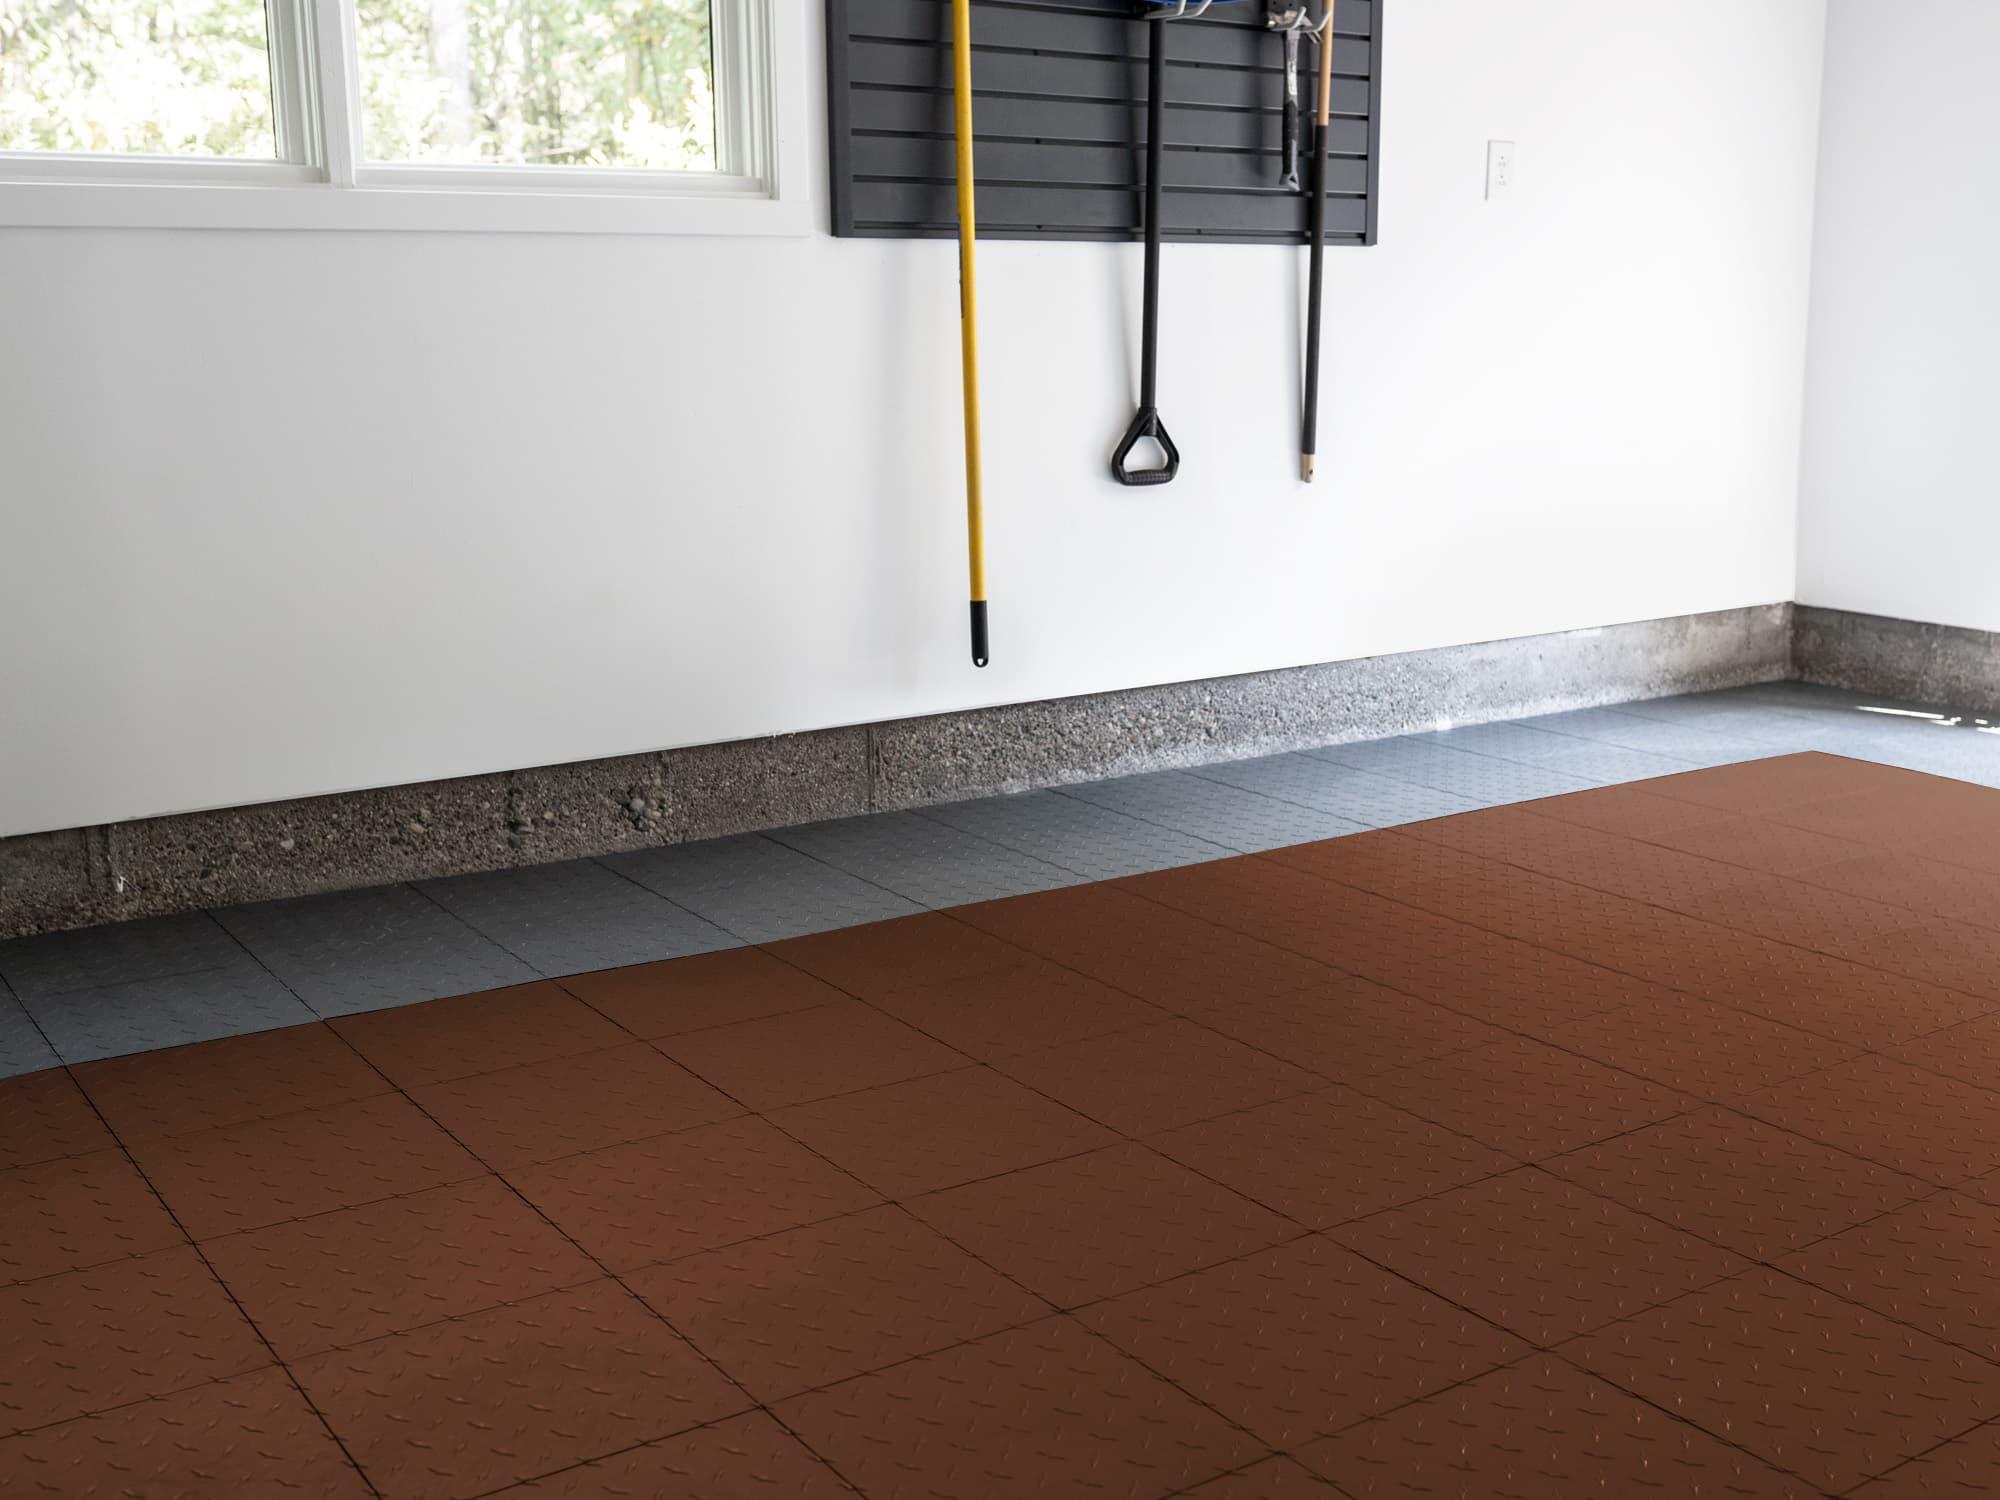 EasyGarge Flooring - Chocolate Brown